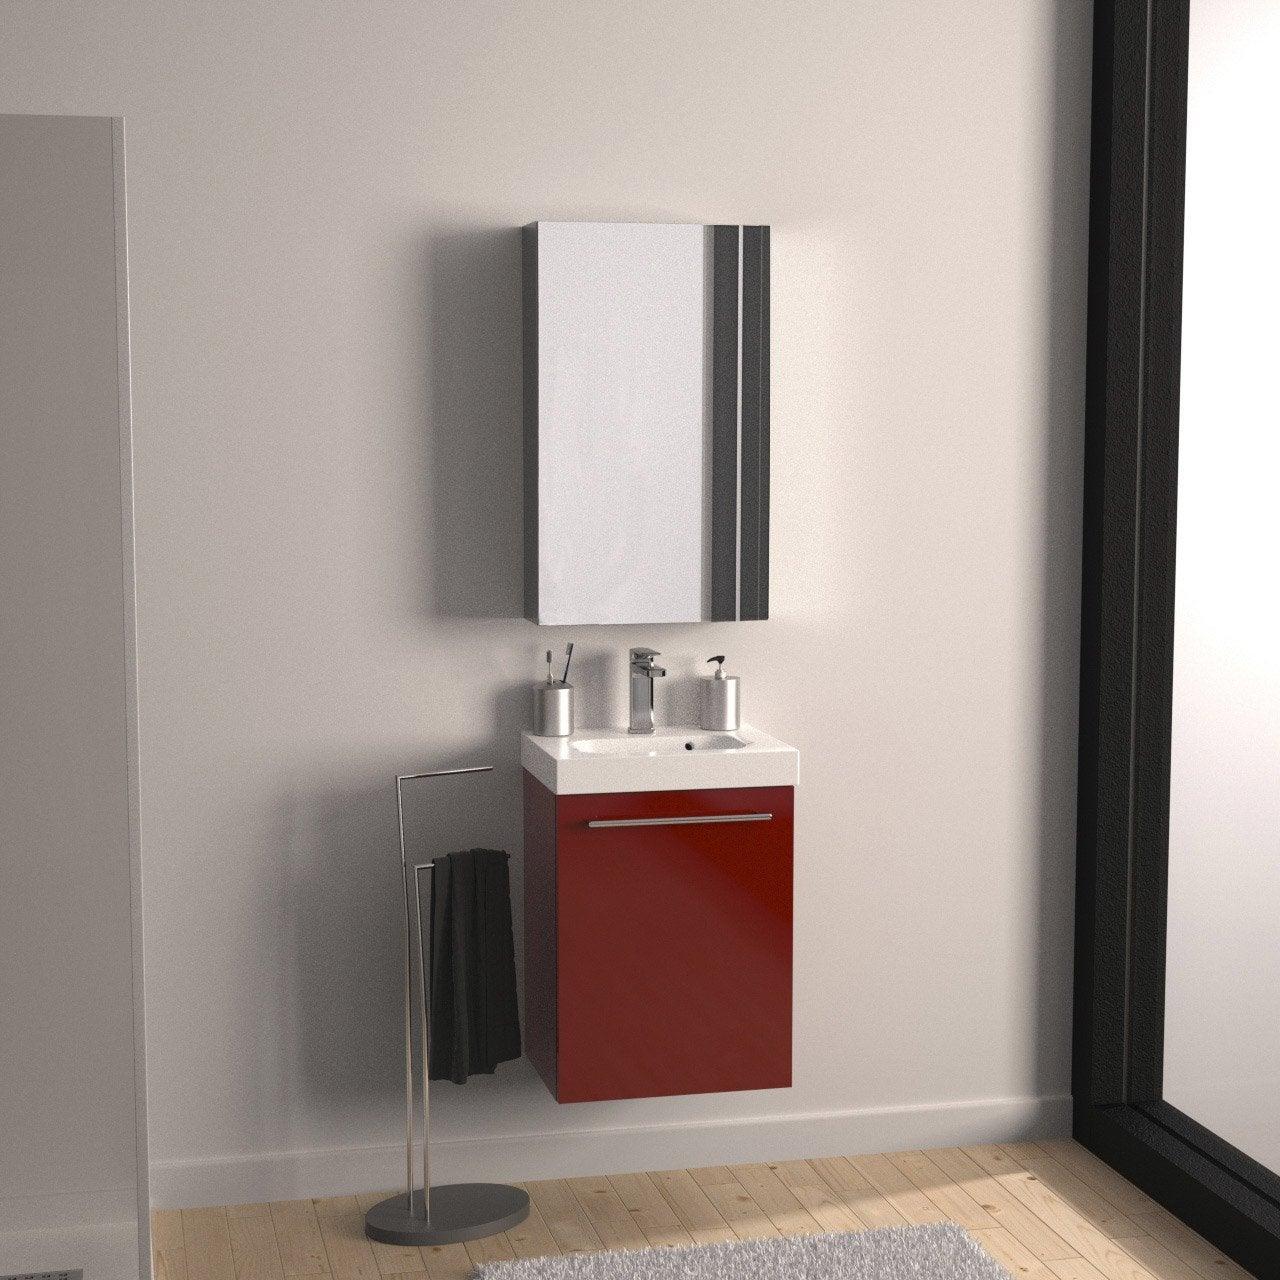 Meuble de salle de bains moins de 60 rouge remix leroy merlin - Meuble salle de bain remix ...